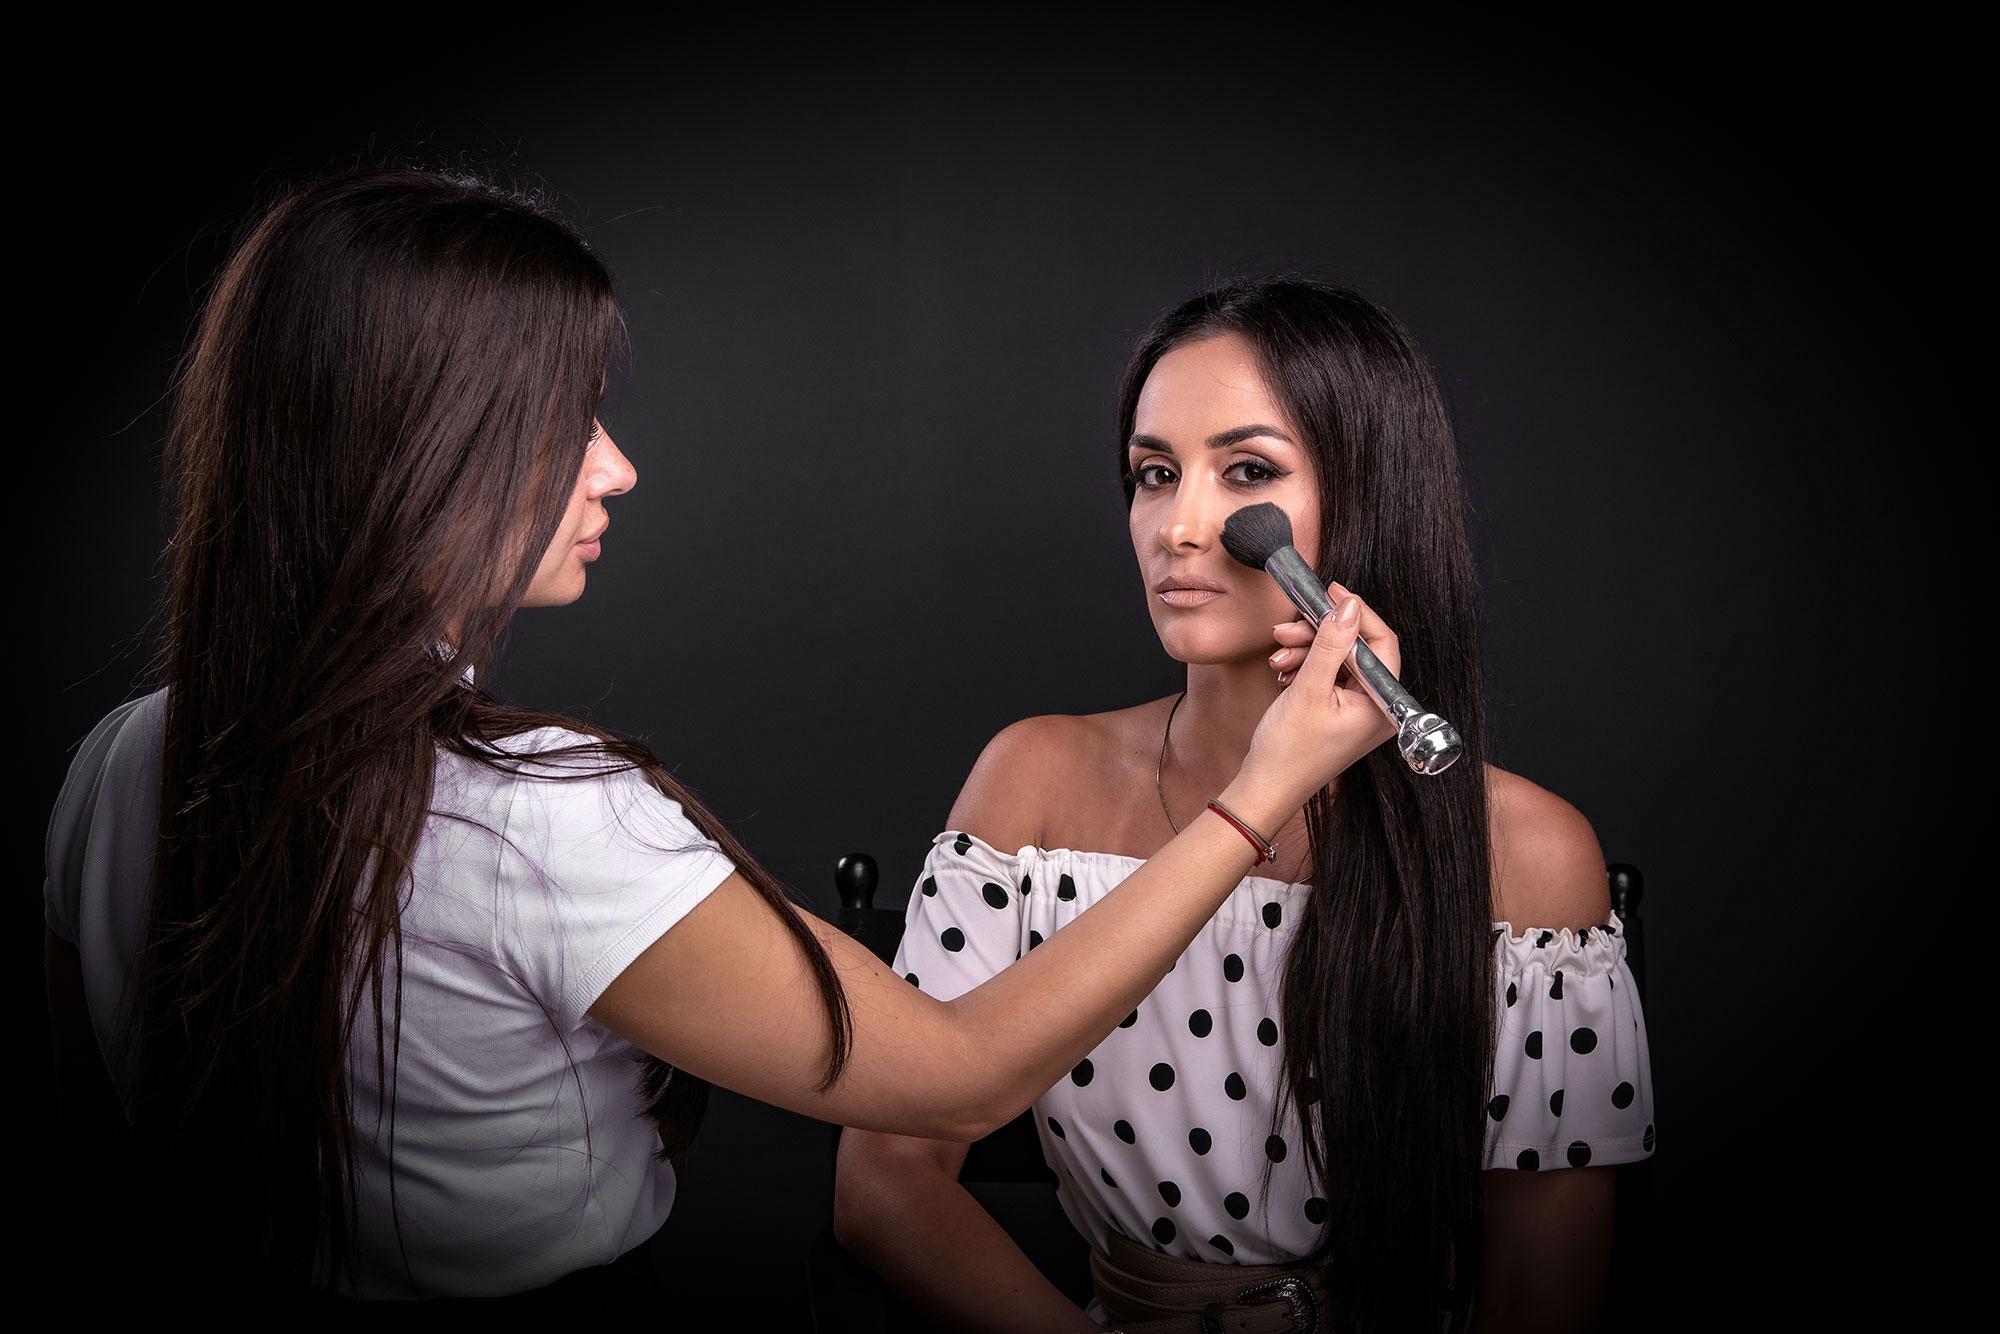 Kako napraviti dnevni make up look? – 16.10.2021.